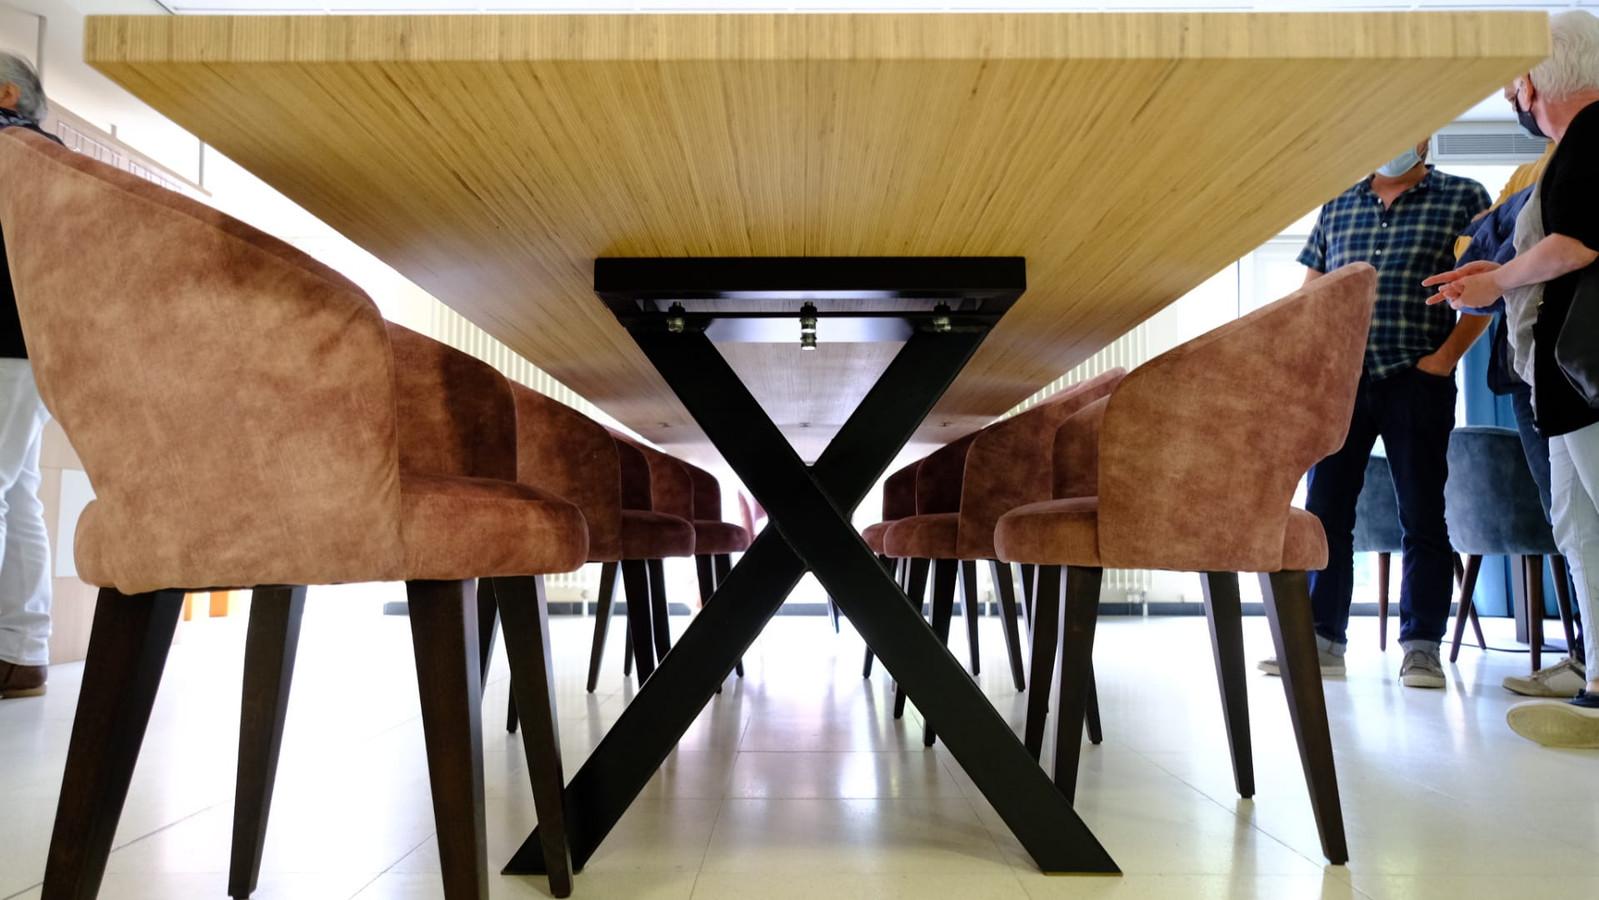 De gekruiste poten en het minimale kader maken de tafel rolstoeltoegankelijk